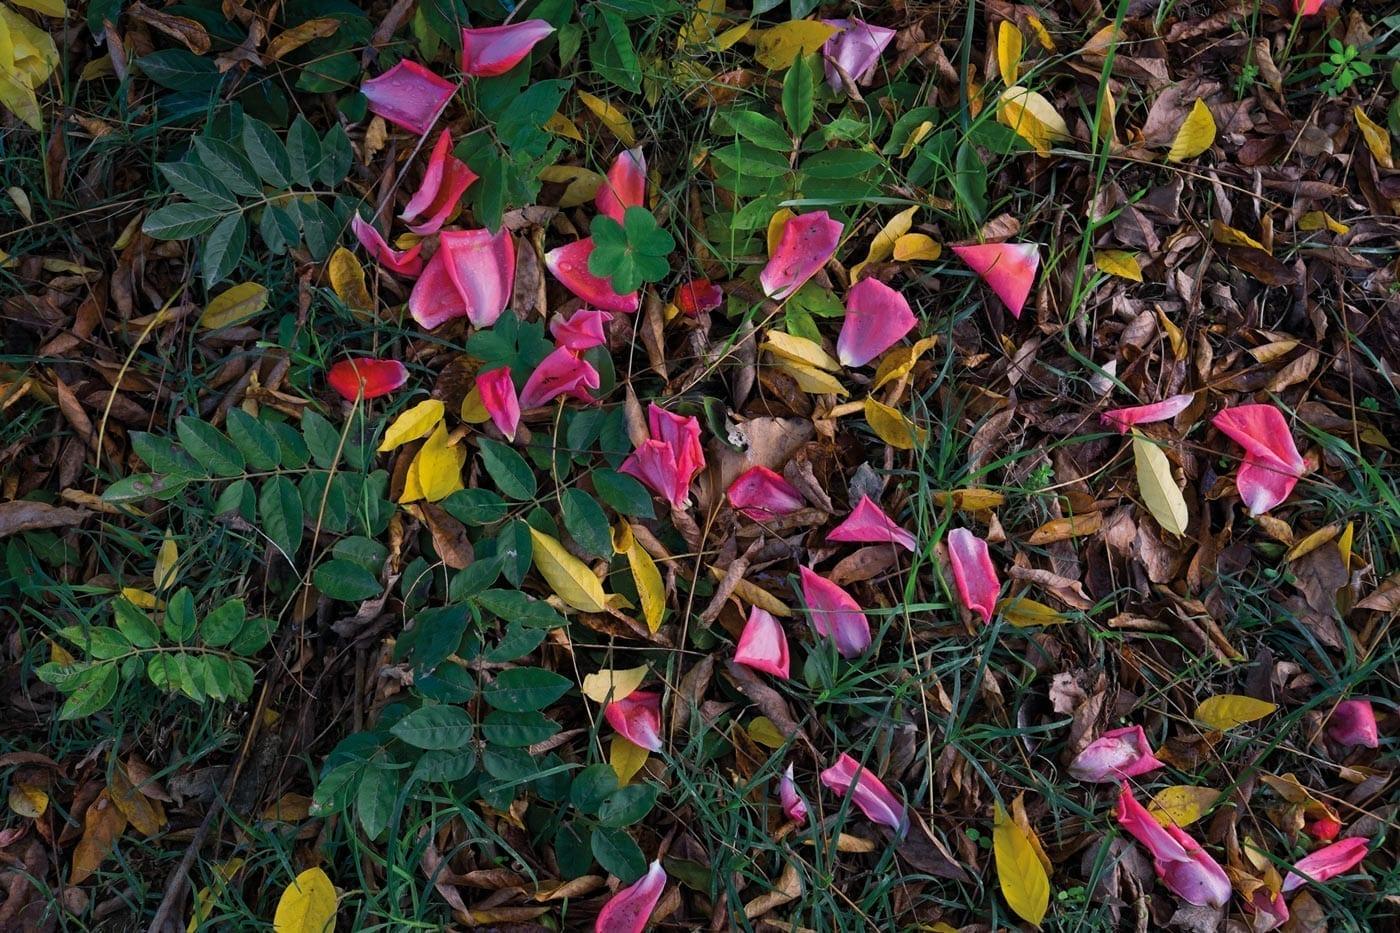 Wanderlust, Wald, Herbst, November, Naturliebe, Natur